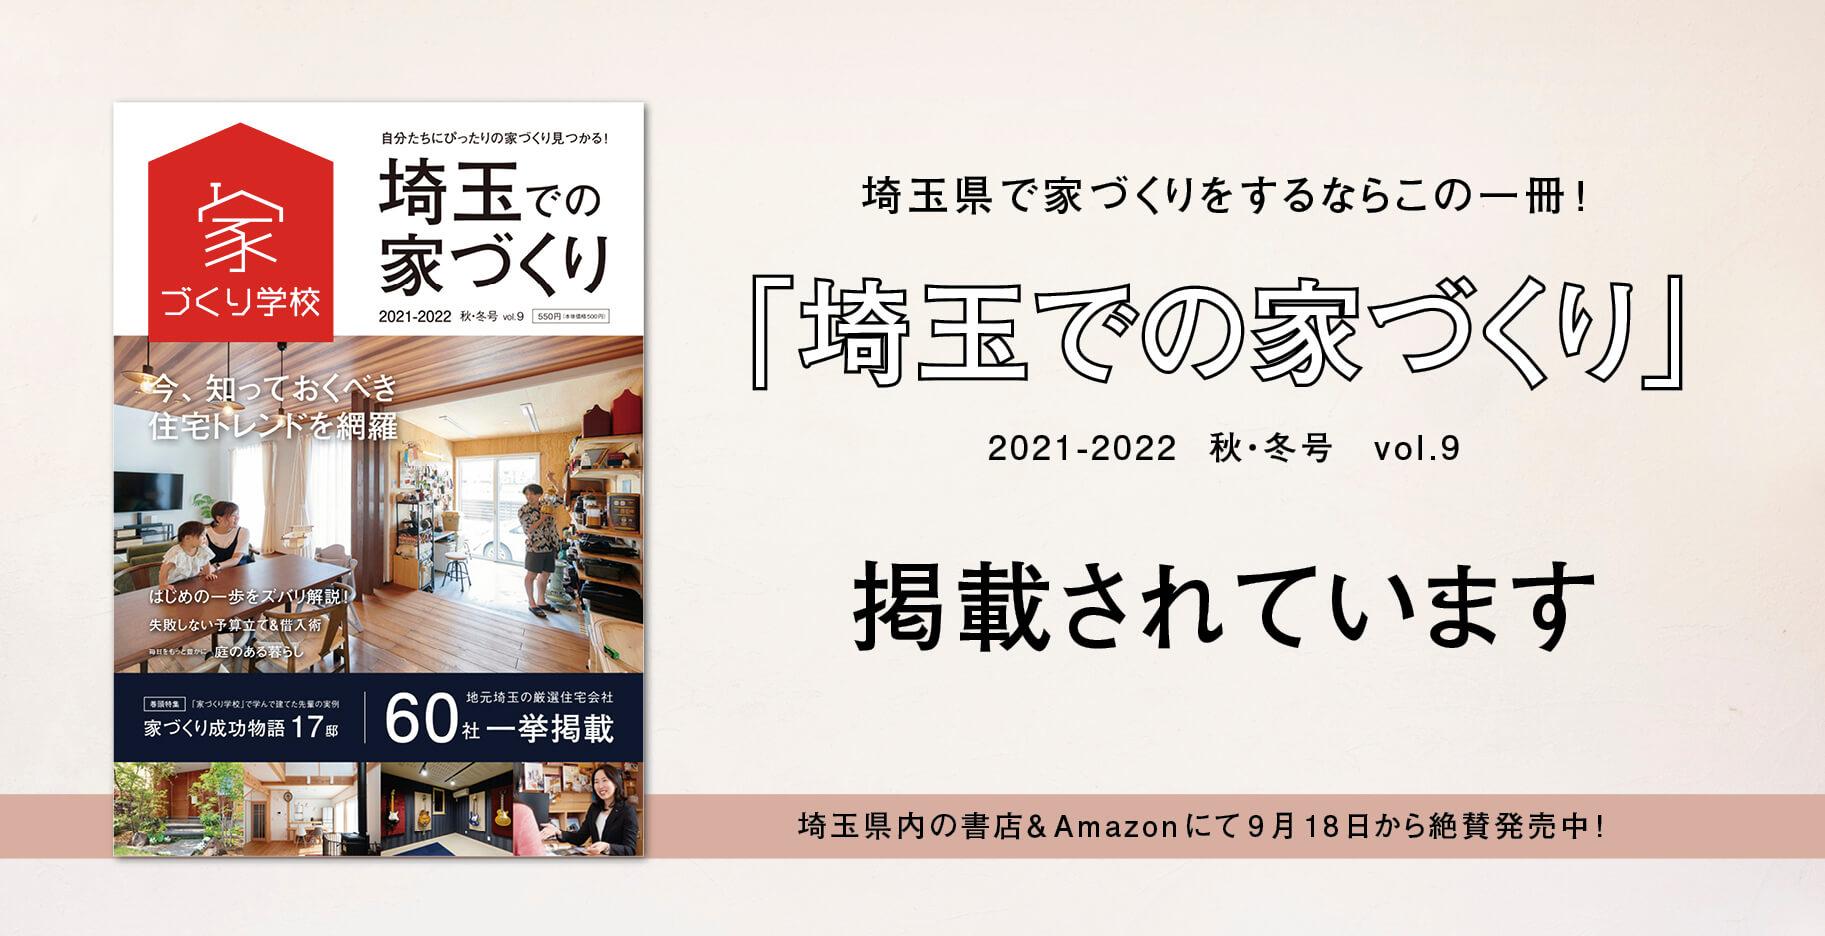 【メディア掲載】家づくり学校「埼玉での家づくり vol.9」2021-2022 秋・冬号 掲載